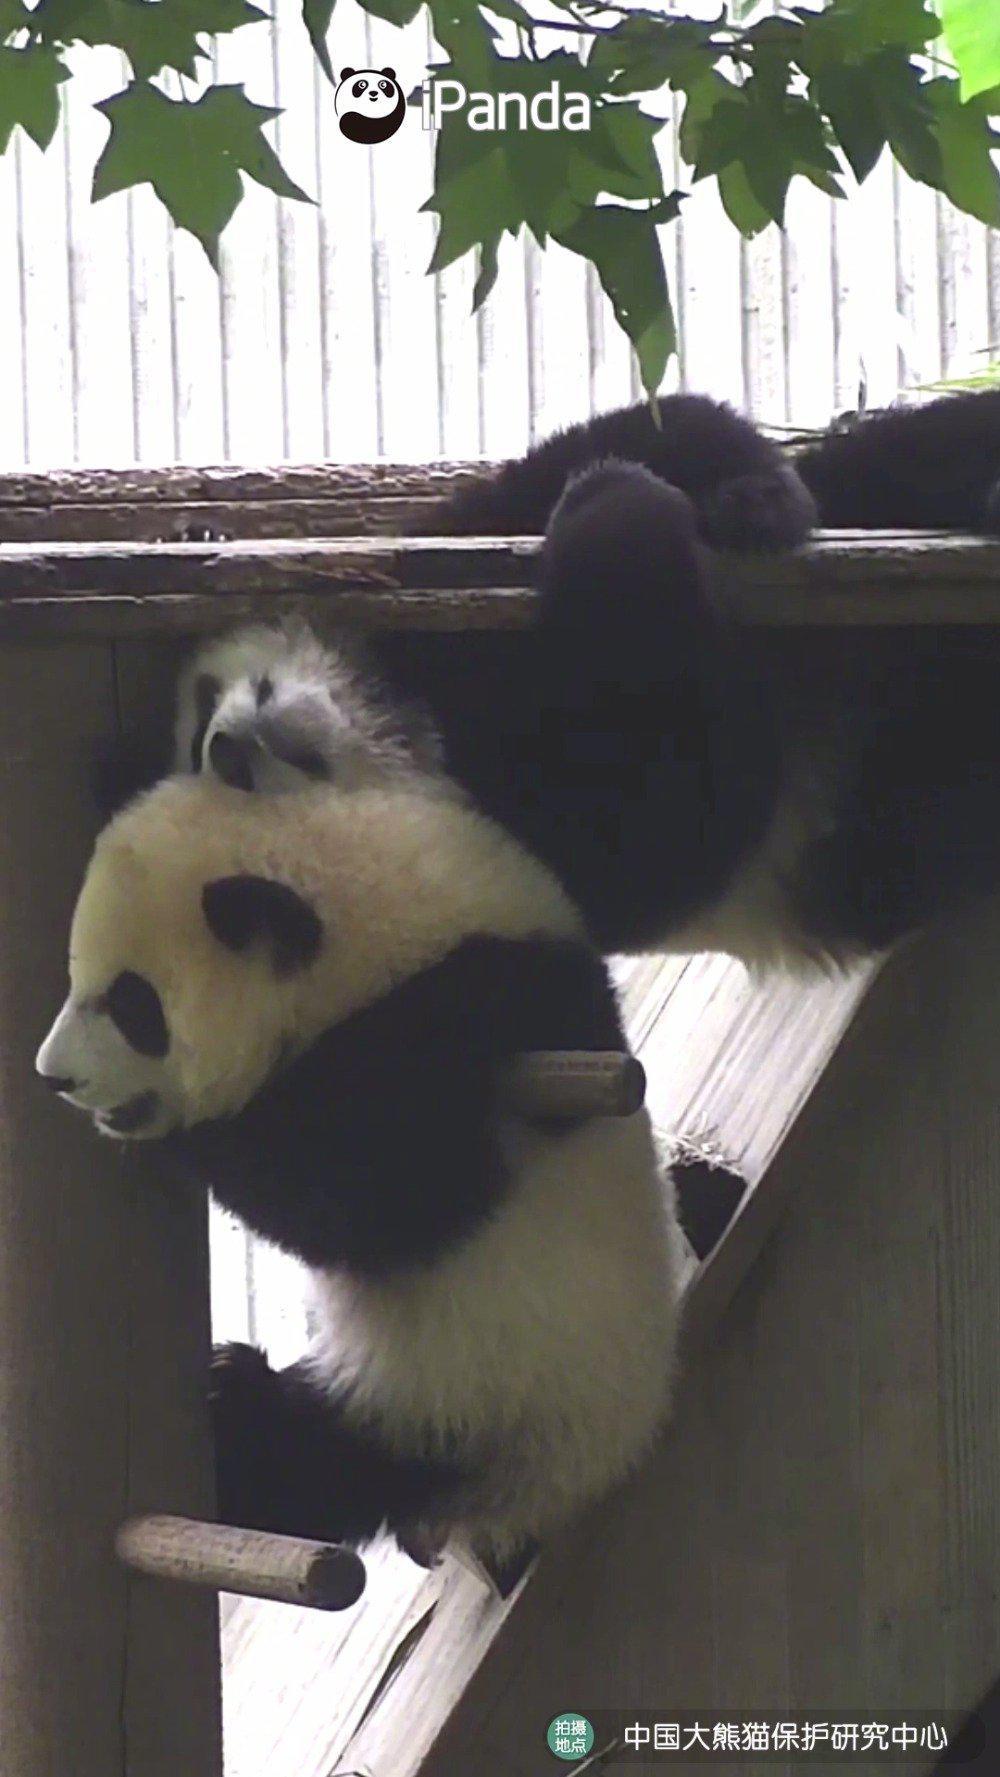 熊猫宝宝阻挡别熊爬上木架,结果自己倒挂在了木架上……